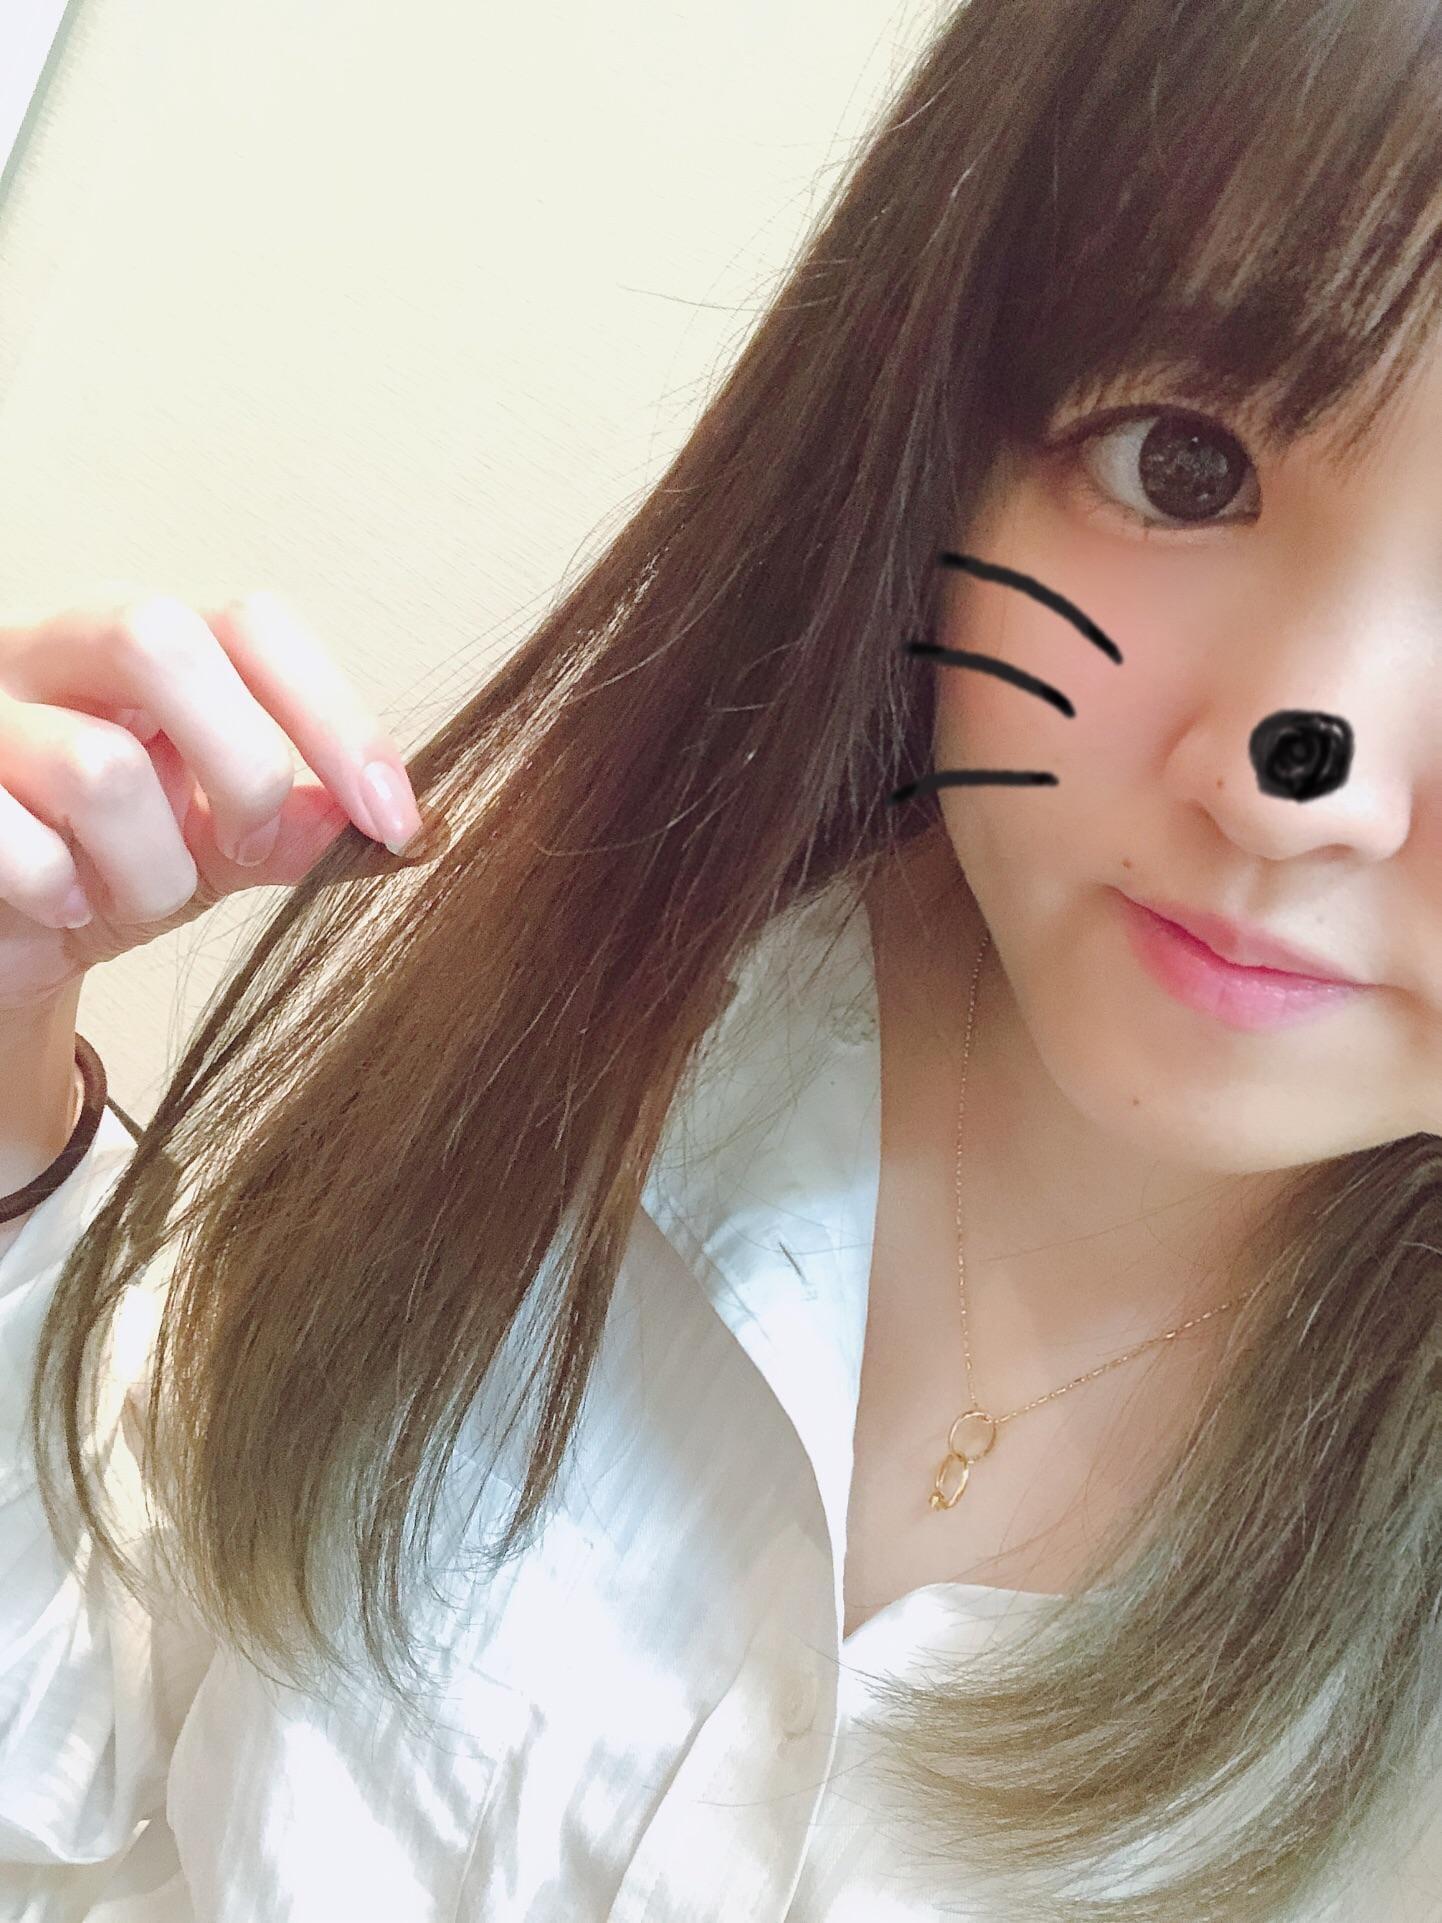 「事後報告でごめんなさい」09/10(09/10) 19:00 | めみの写メ・風俗動画